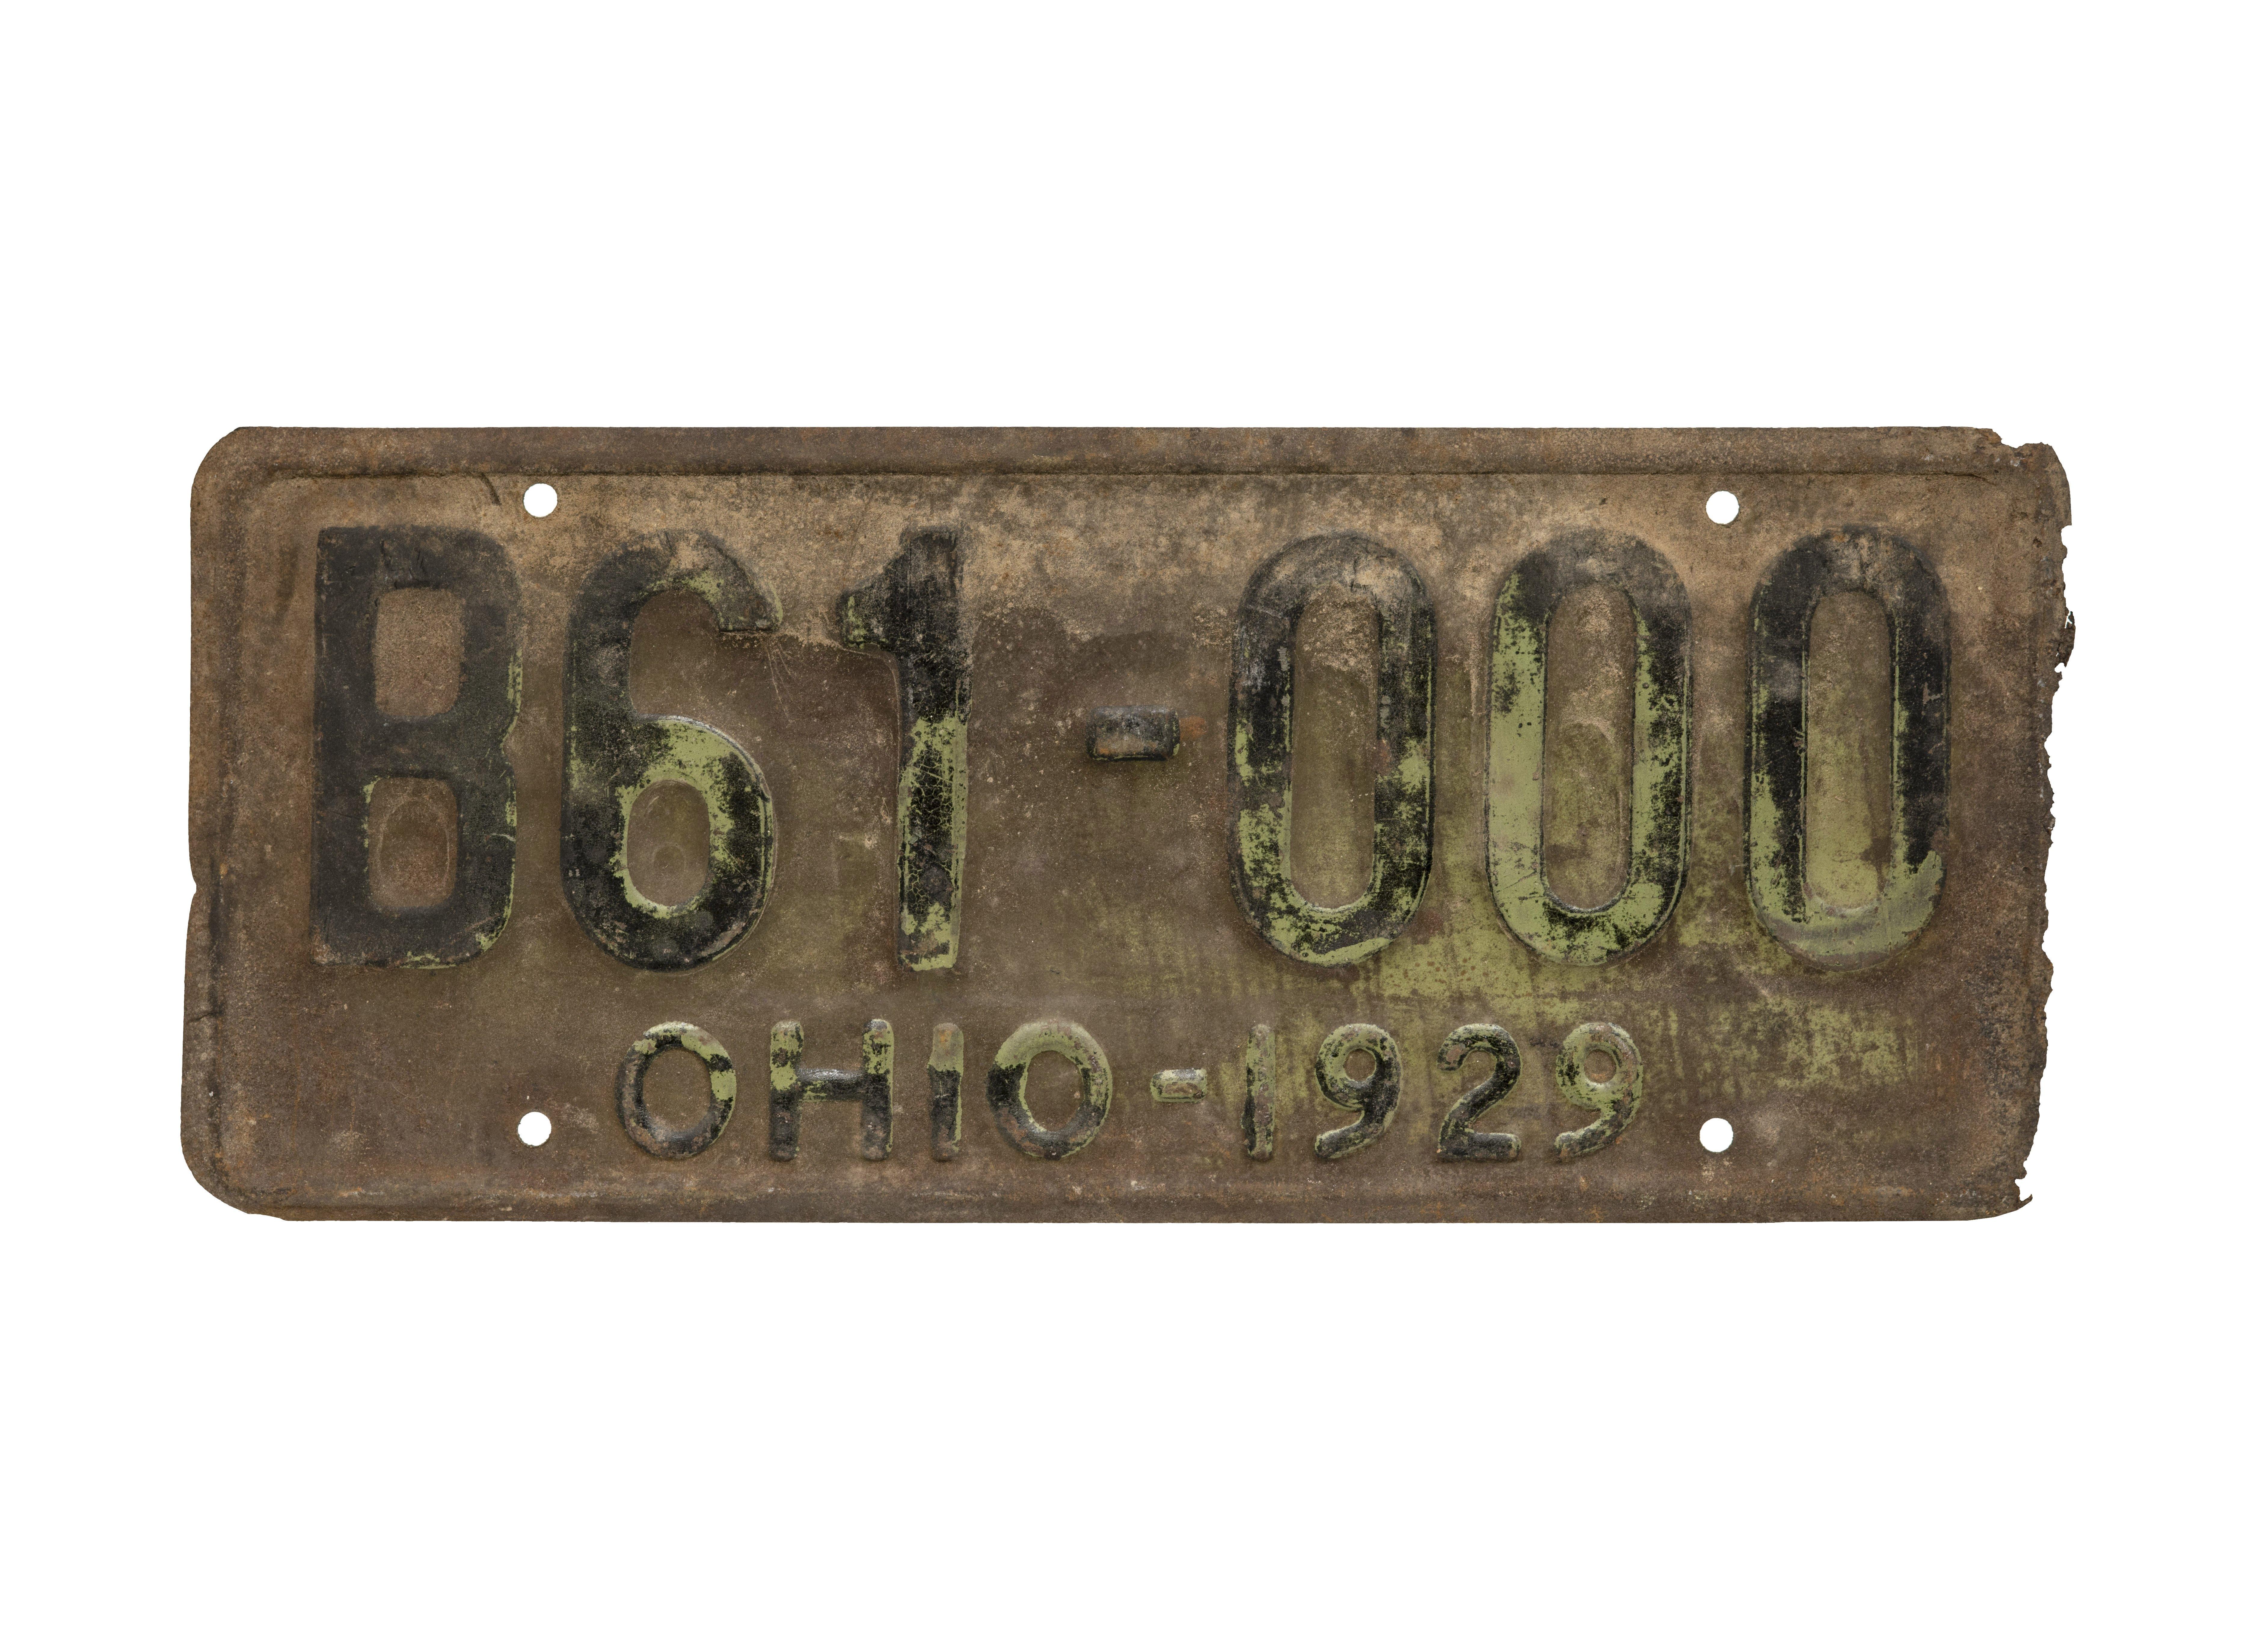 vintage Ohio license plate